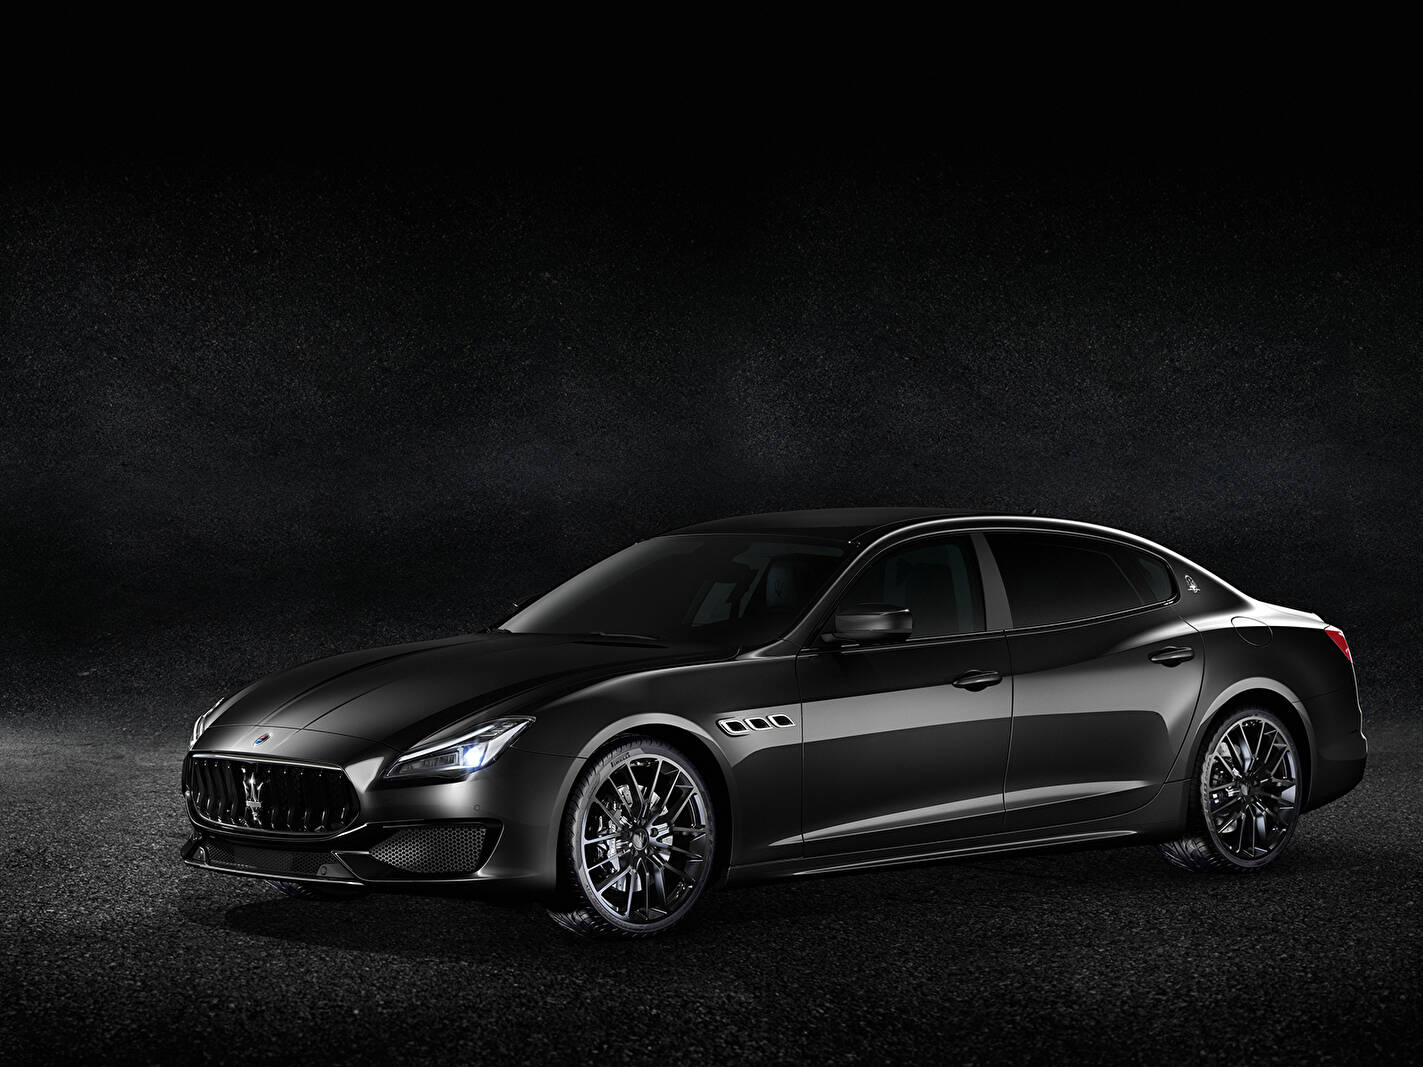 Fiche technique Maserati Quattroporte VI S (M156) « Nerissimo » (2018)